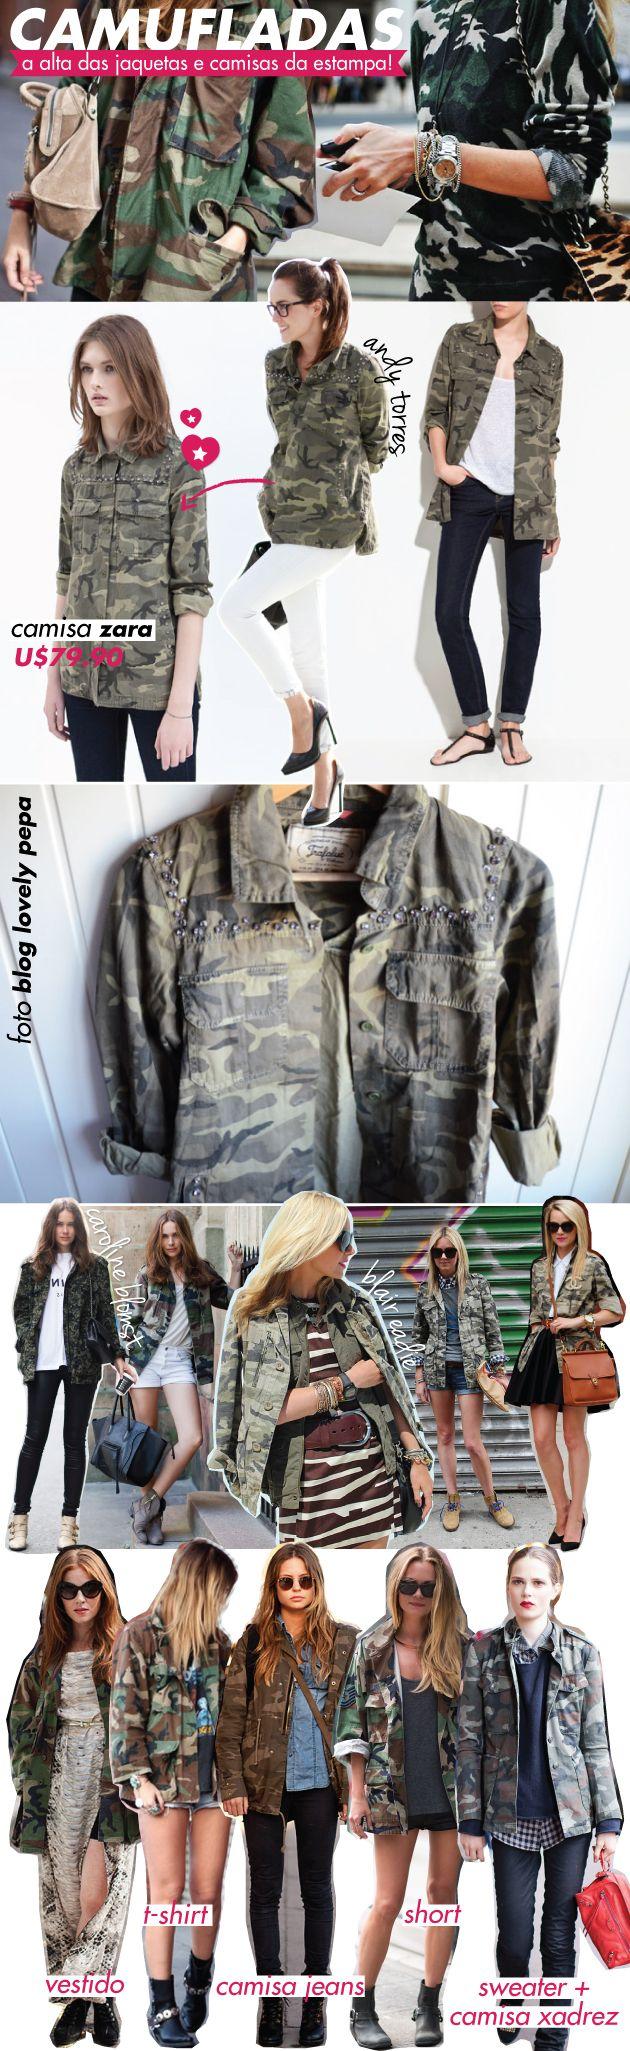 estampa, trend, tendência, camuflagem, camuflada, camo, camouflage, print, zara, andy torres, blogueiras, como usar, dica, onde comprar